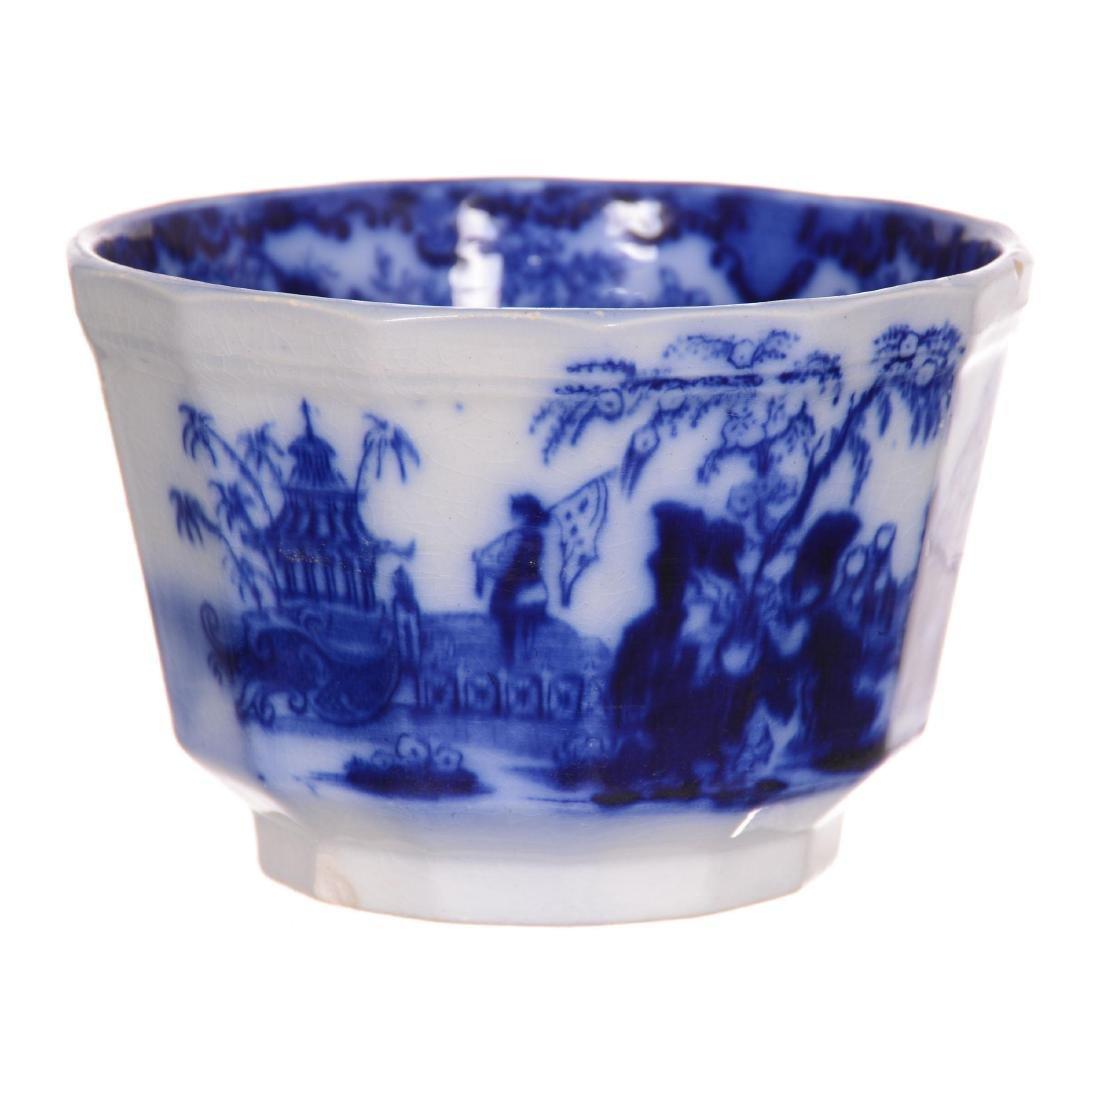 Flow Blue Scinde Pattern Waste Bowl